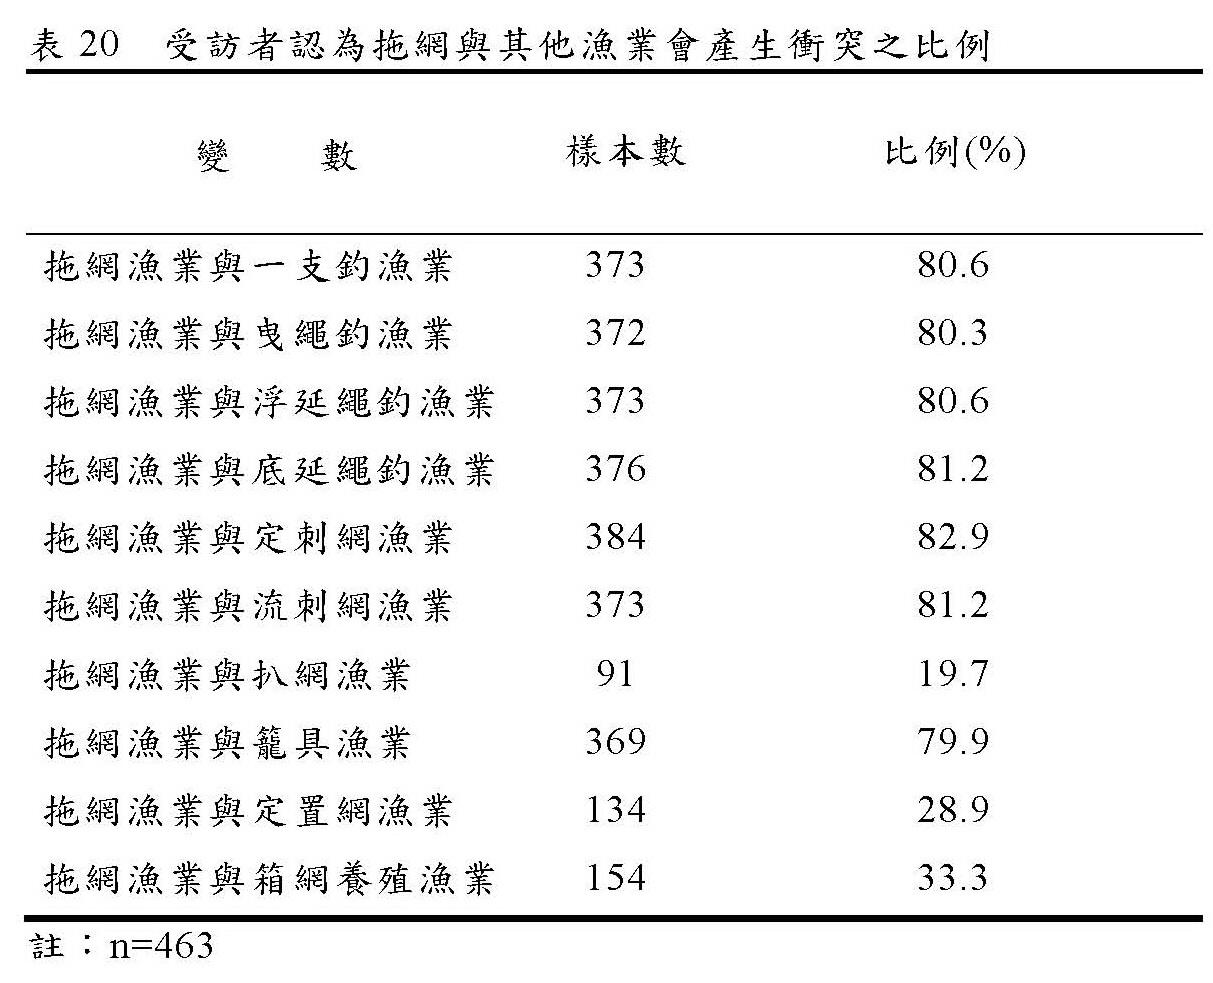 引用自謝祐懋《台灣西南沿海拖網與其他漁業衝突之現況及其對策研究》